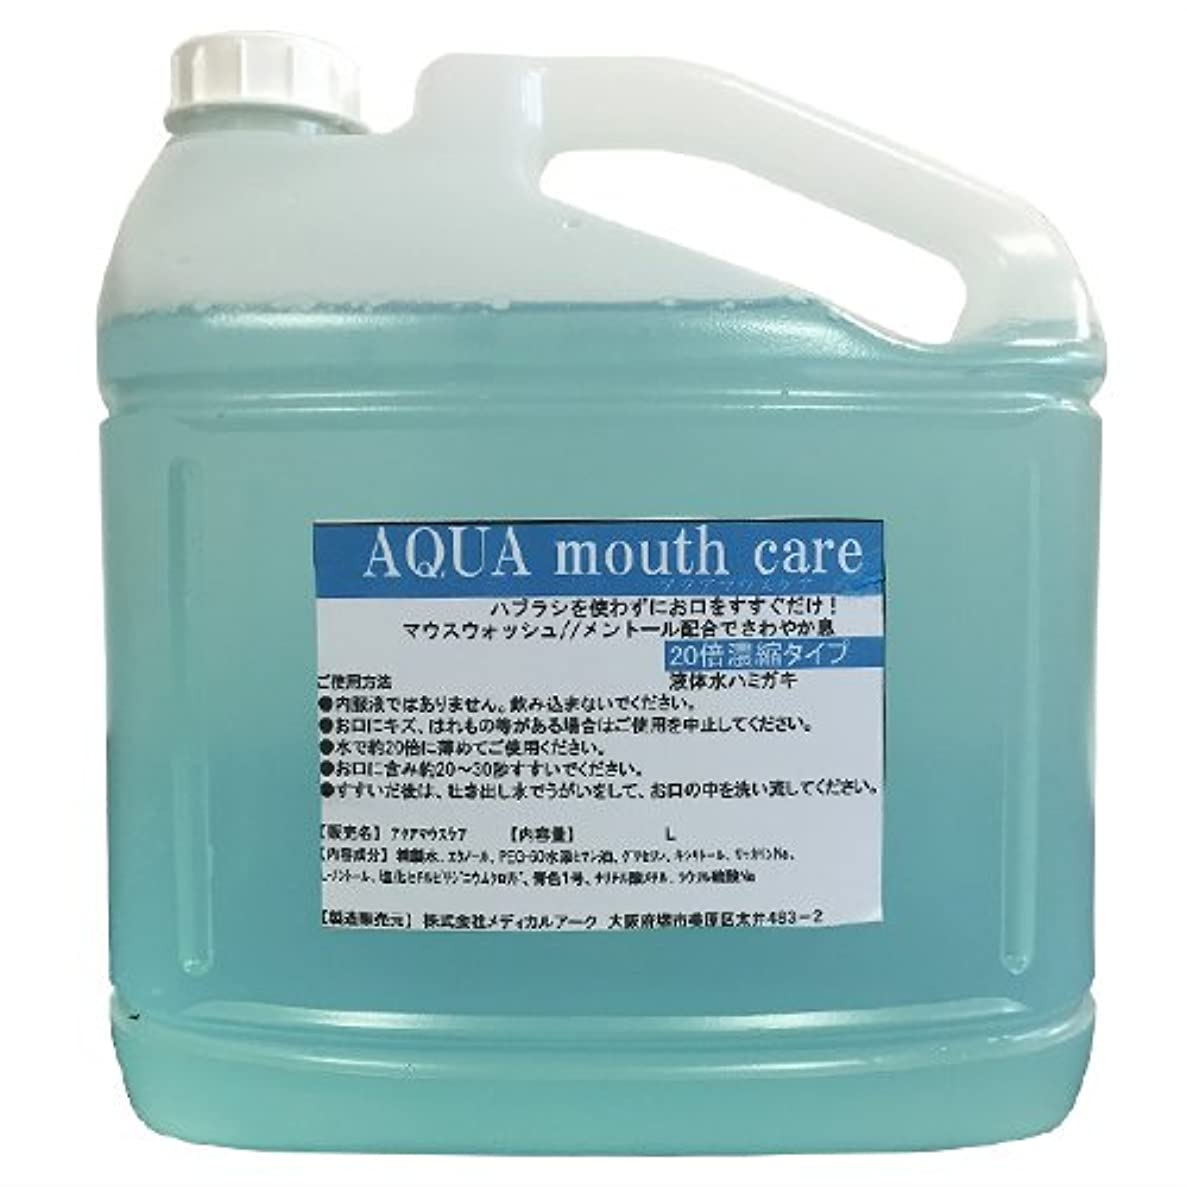 成長する入射ディスカウント業務用洗口液 マウスウォッシュ アクアマウスケア (AQUA mouth care) 20倍濃縮タイプ 5L (詰め替えコック付き)